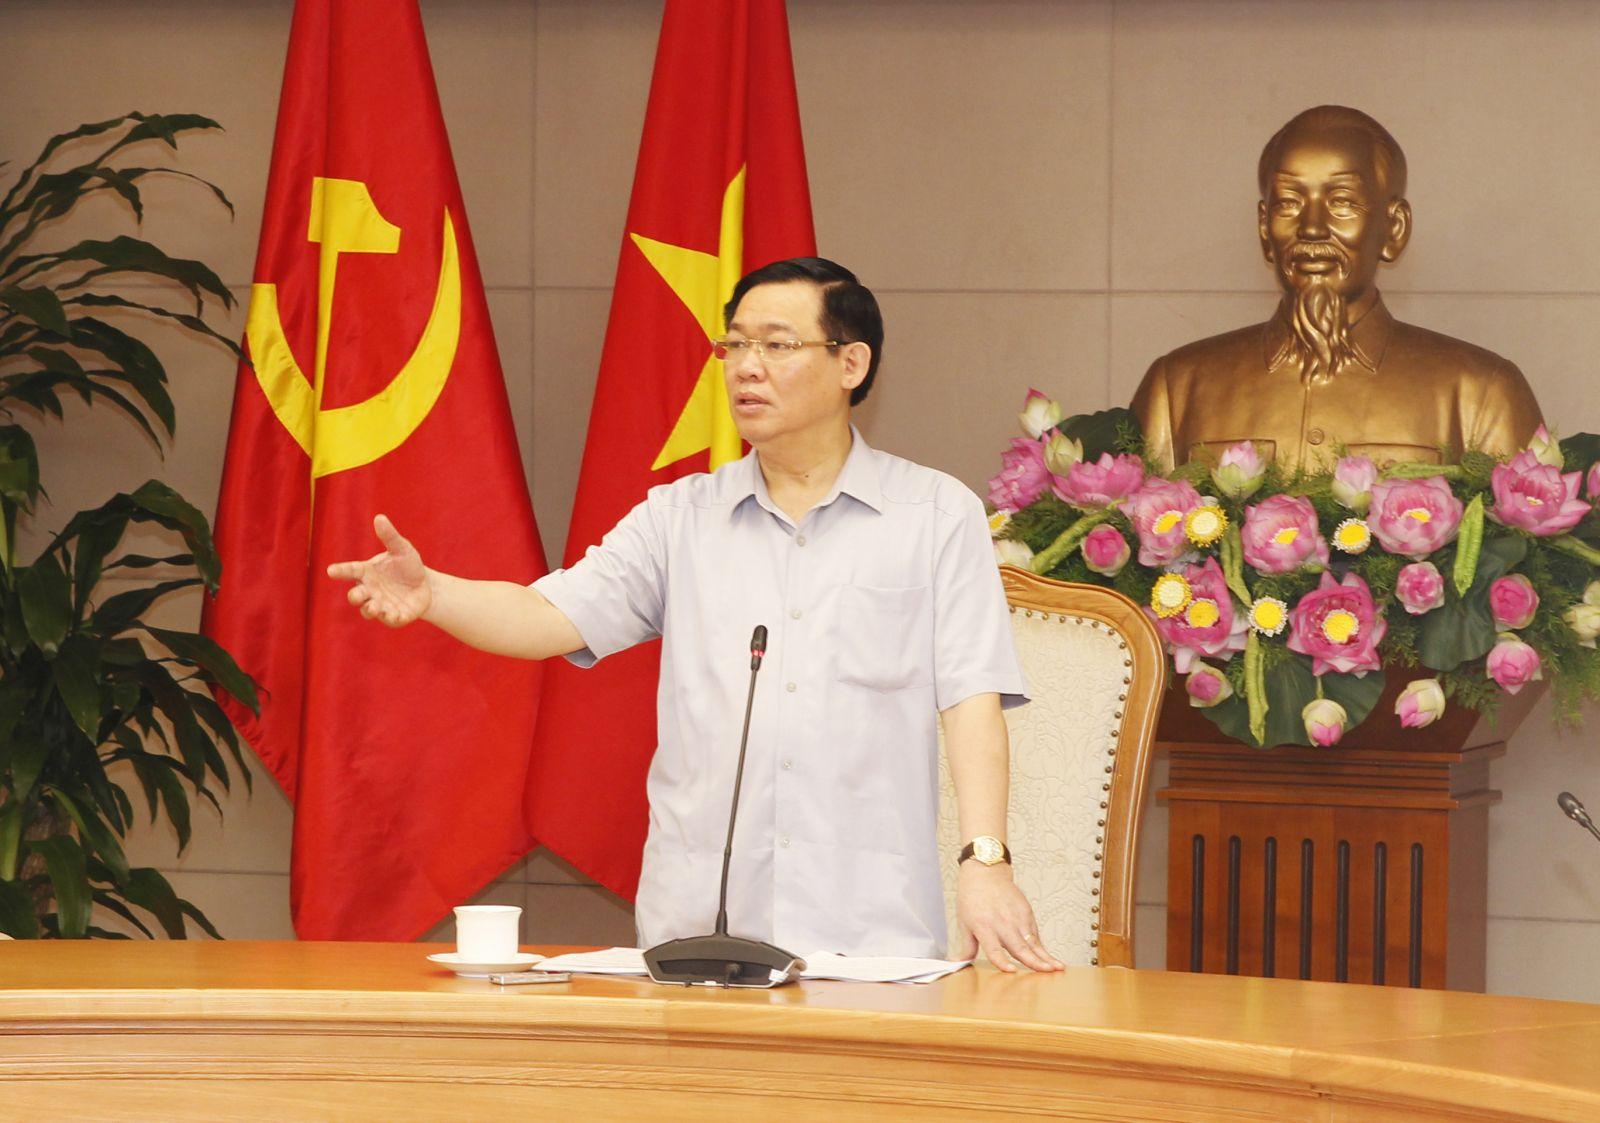 Phó thủ tướng Vương Đình Huệ phát biểu tại buổi làm việc.